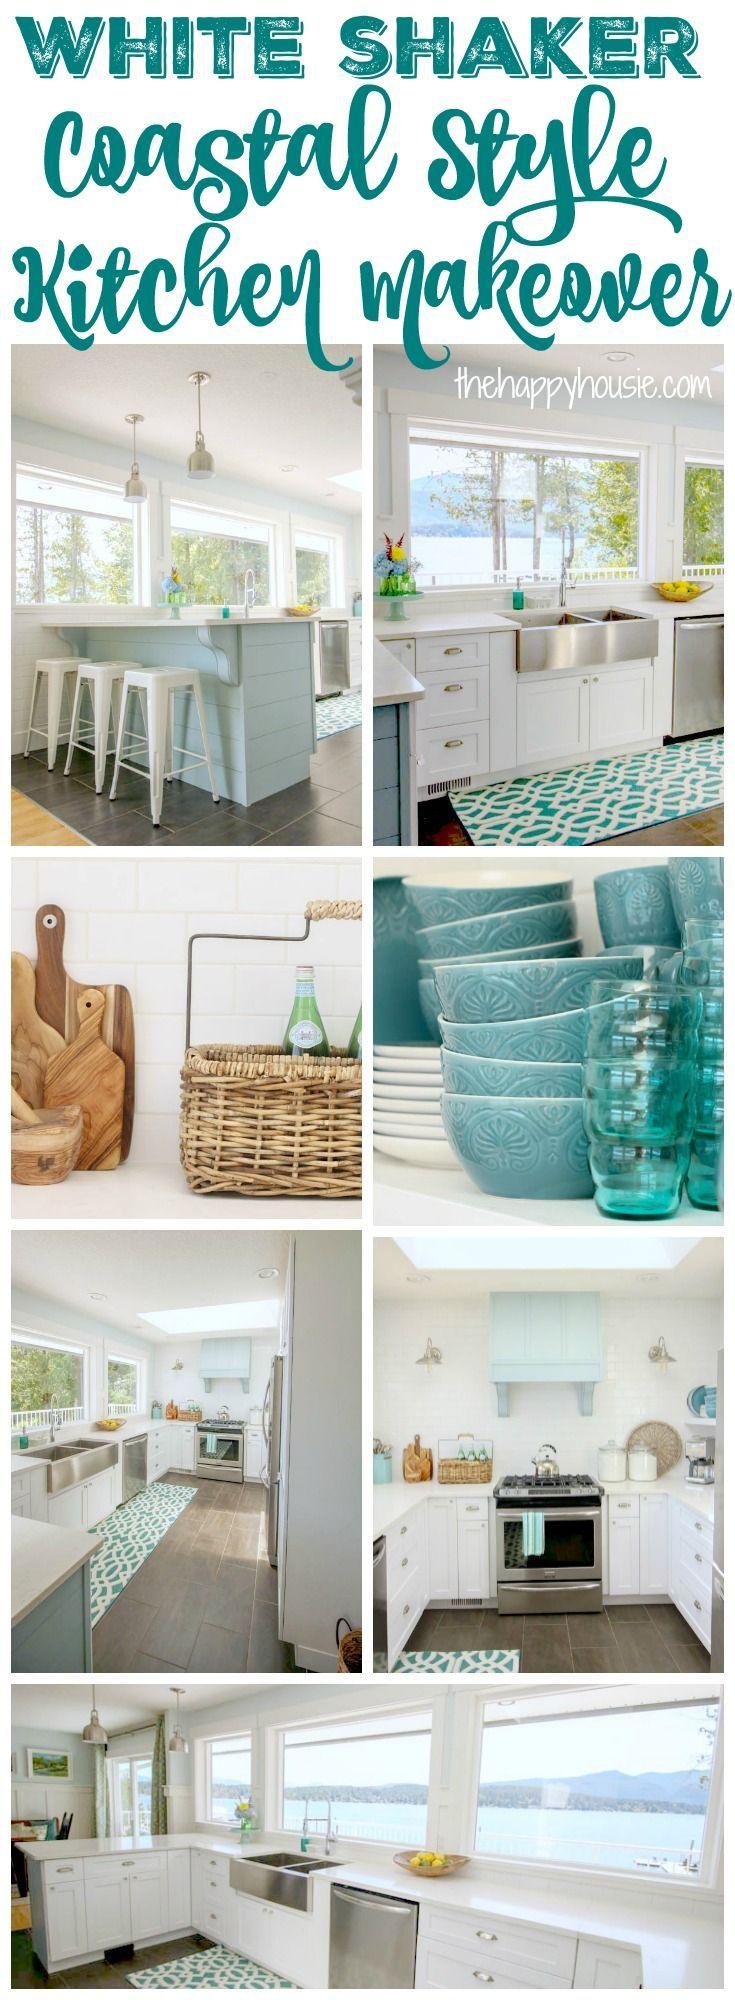 White Shaker Coastal Style Kitchen Makeover at thehappyhousie.com